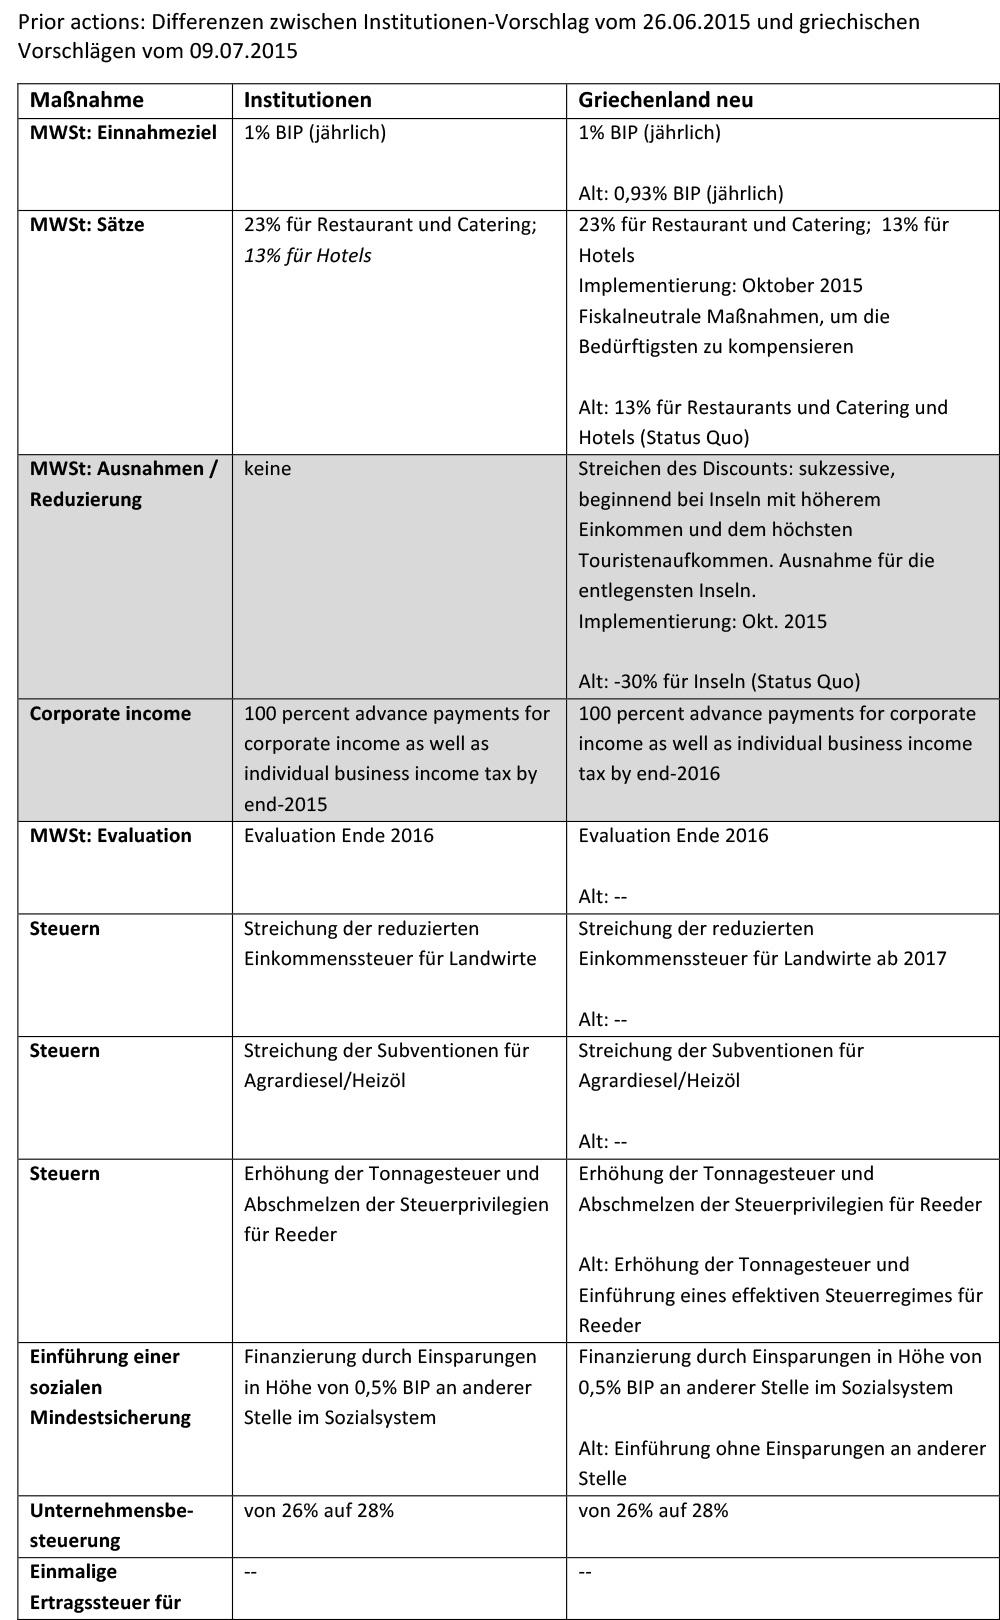 150710_prior-actions_Differenzen_Institutionen_Griechenland-1